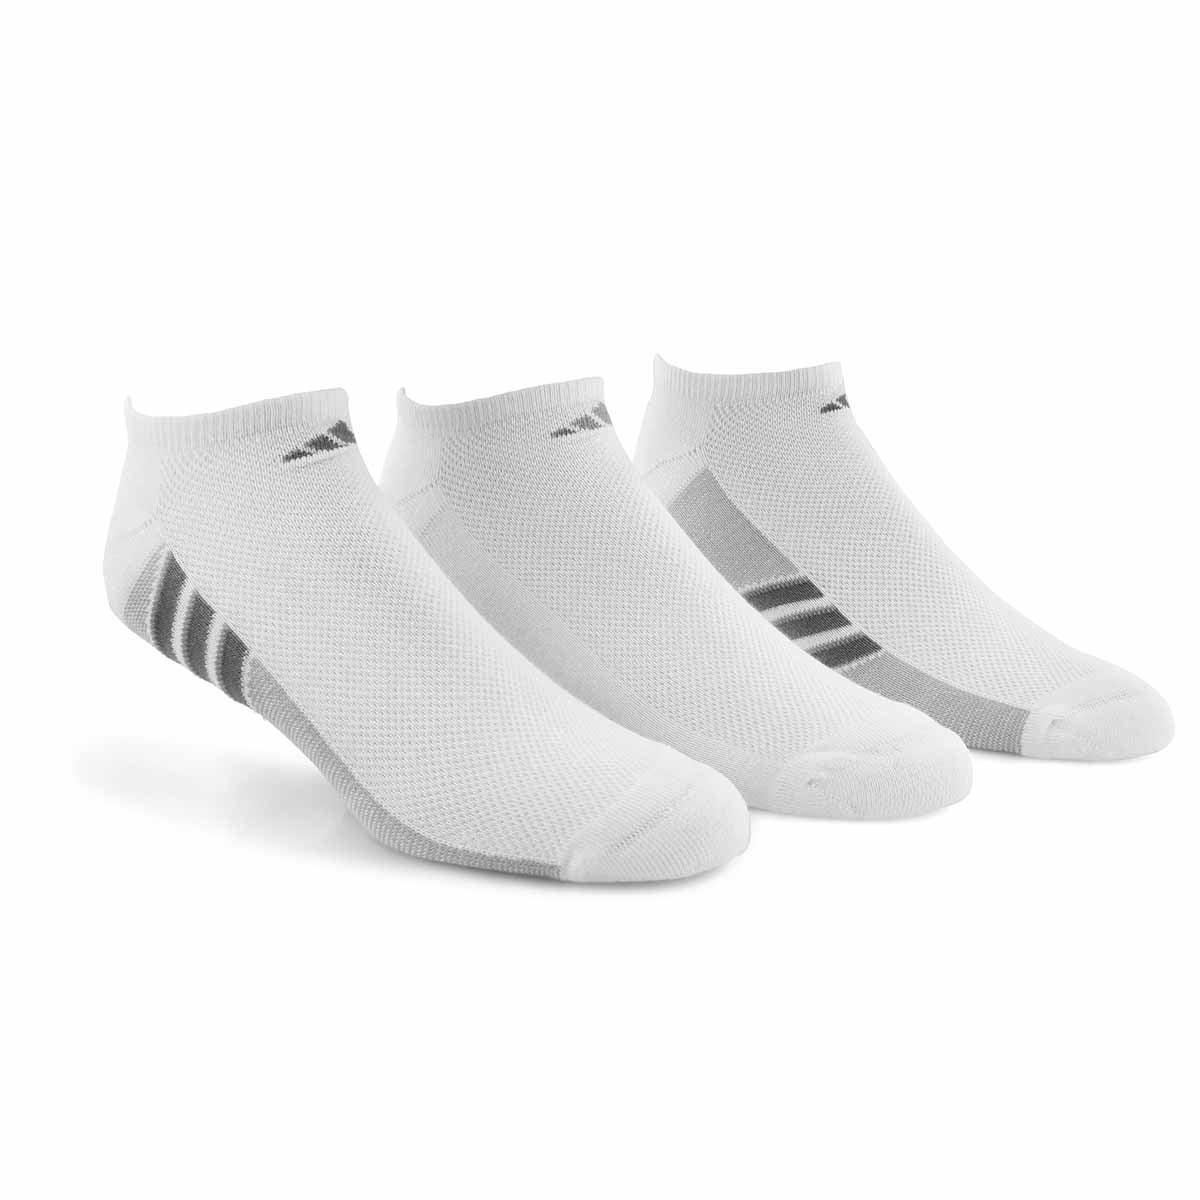 Mns Climacool Superlite white sock - 3pk